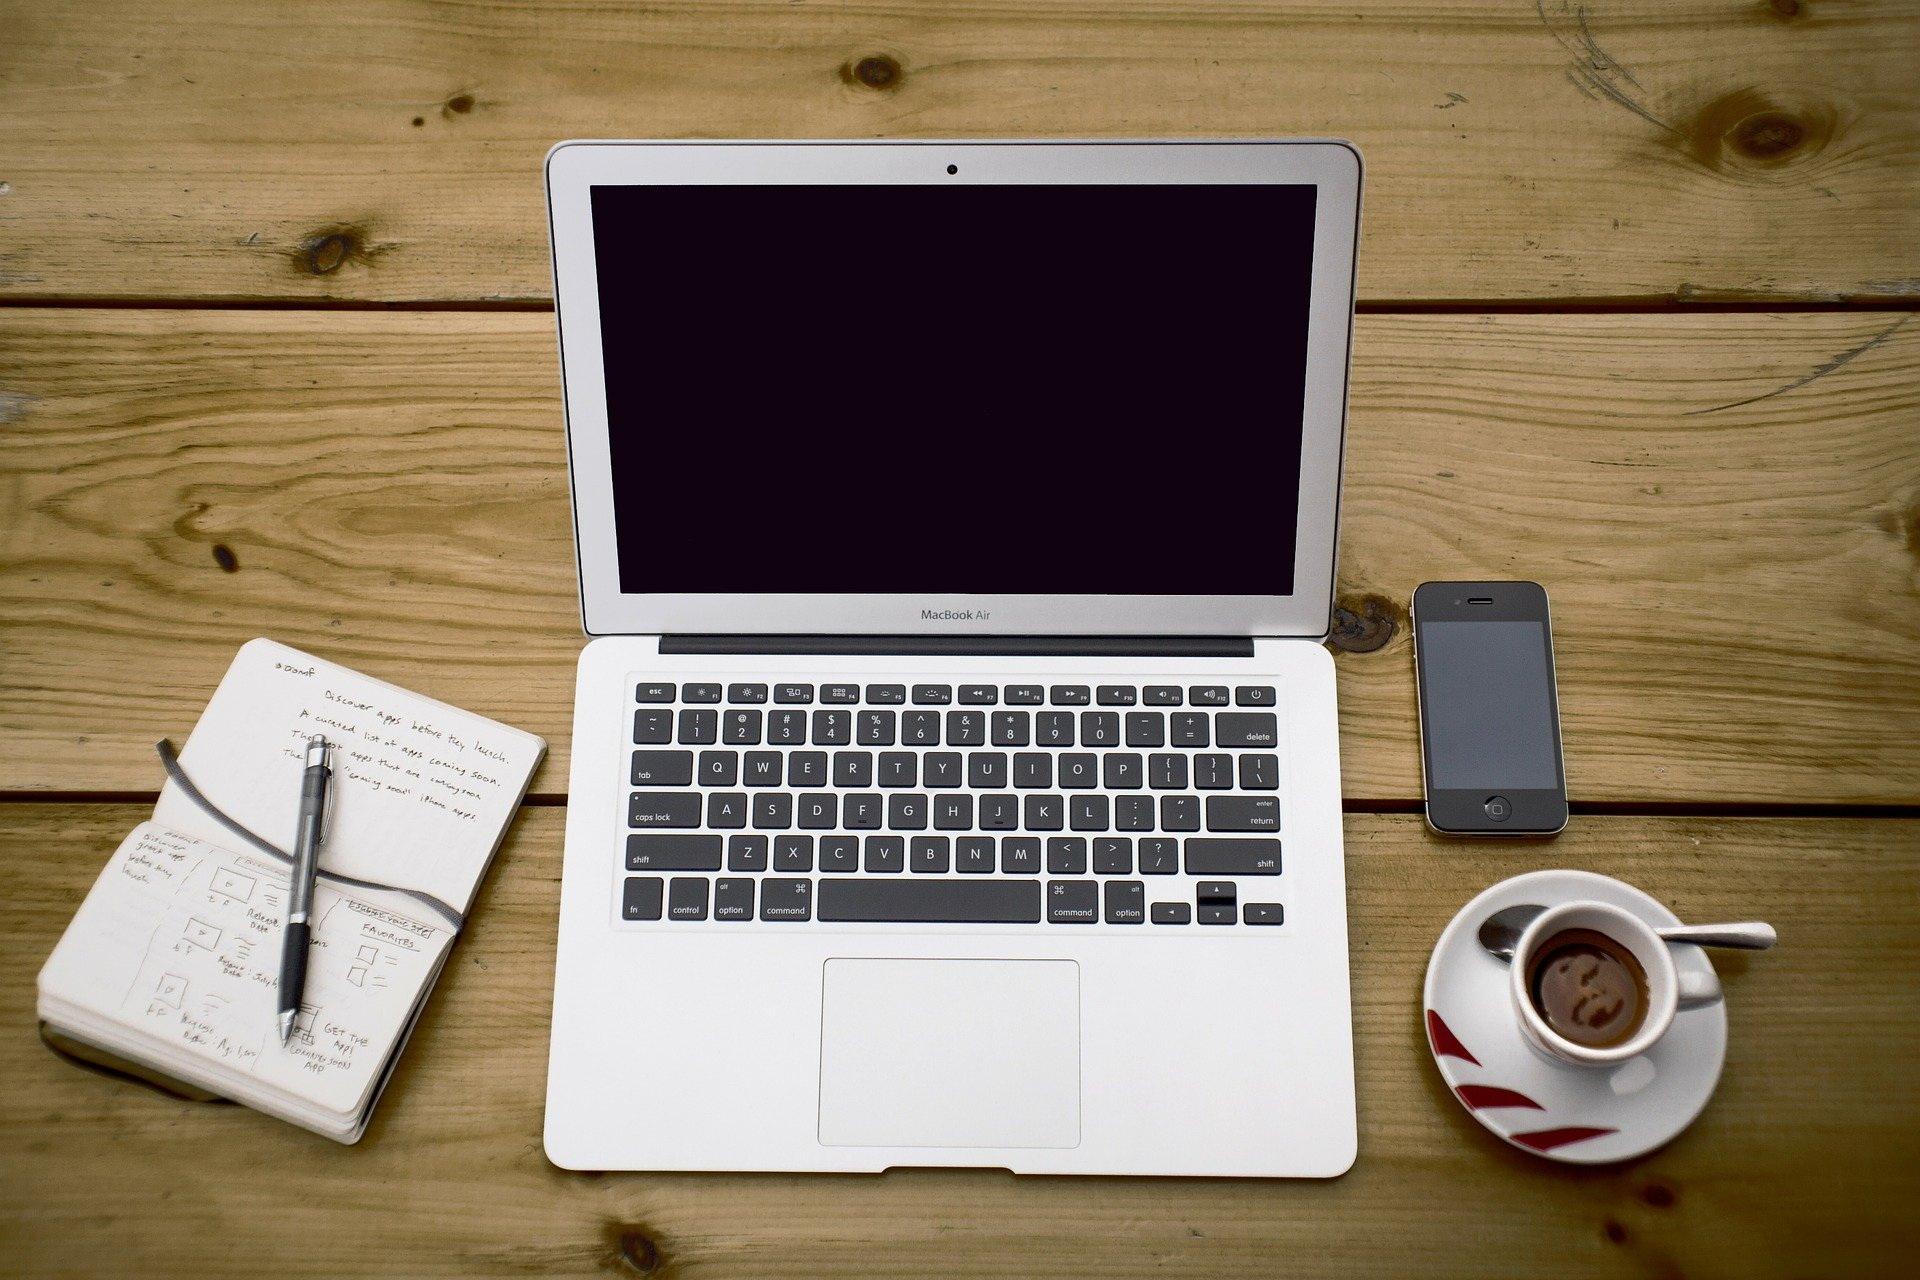 Εργασία εξ αποστάσεως (από το σπίτι): Κίνδυνοι και πώς να τους αποφύγετε